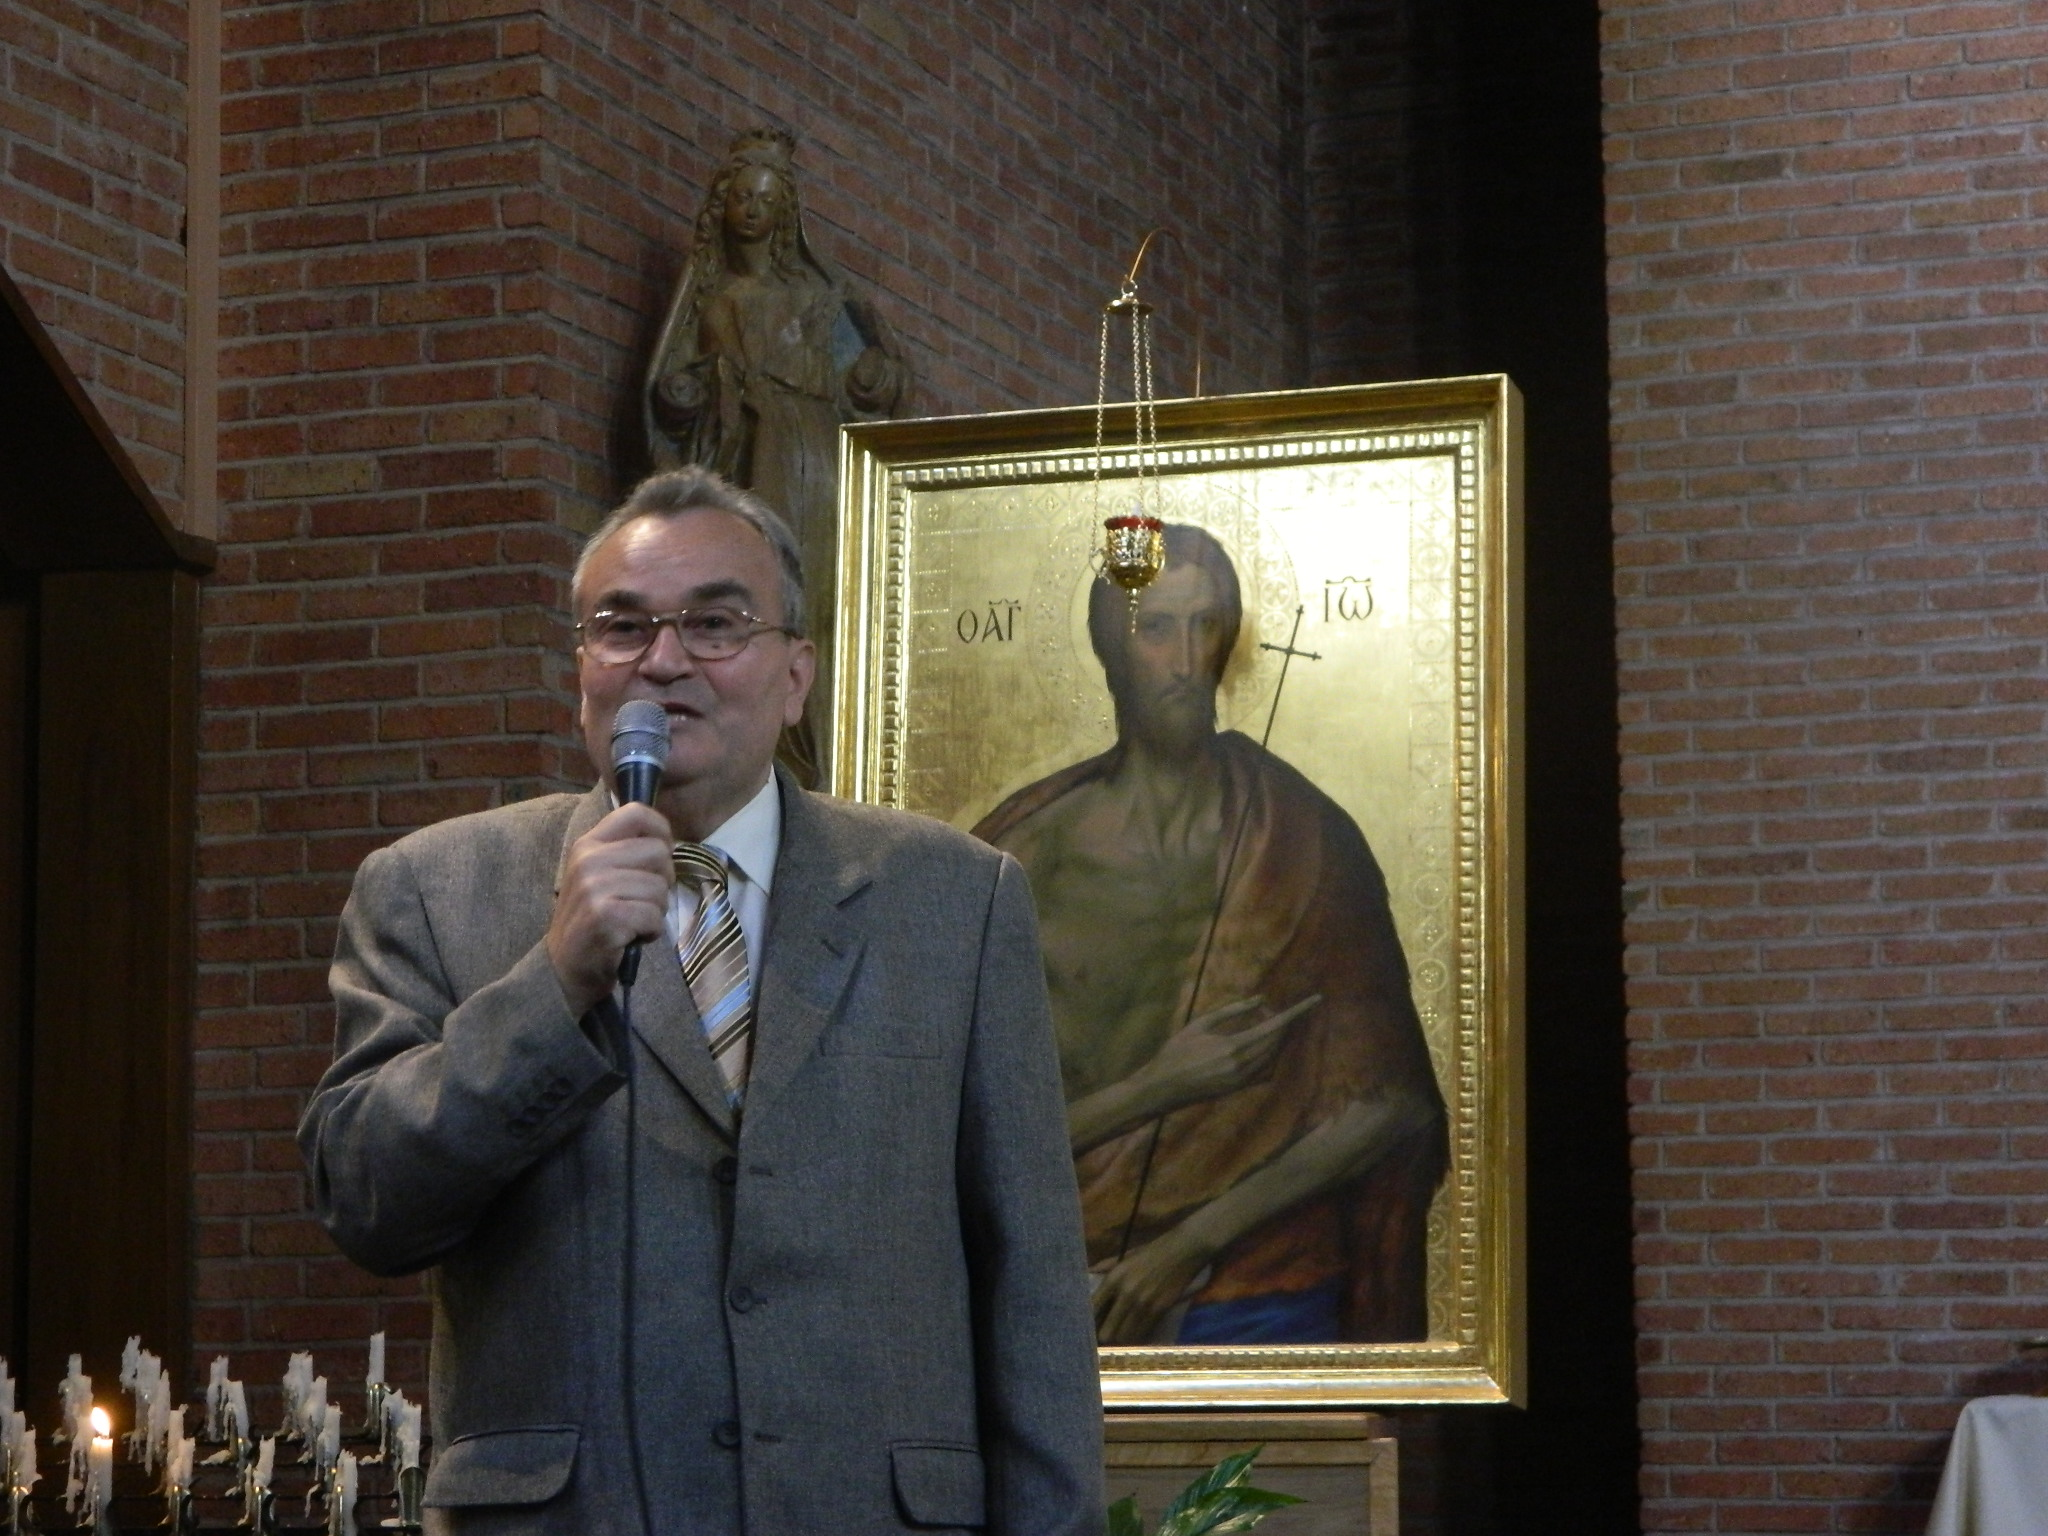 Ştiinţă, conştiinţă şi credinţă. Conferinţă la Misiunea Greco-Catolică din Paris